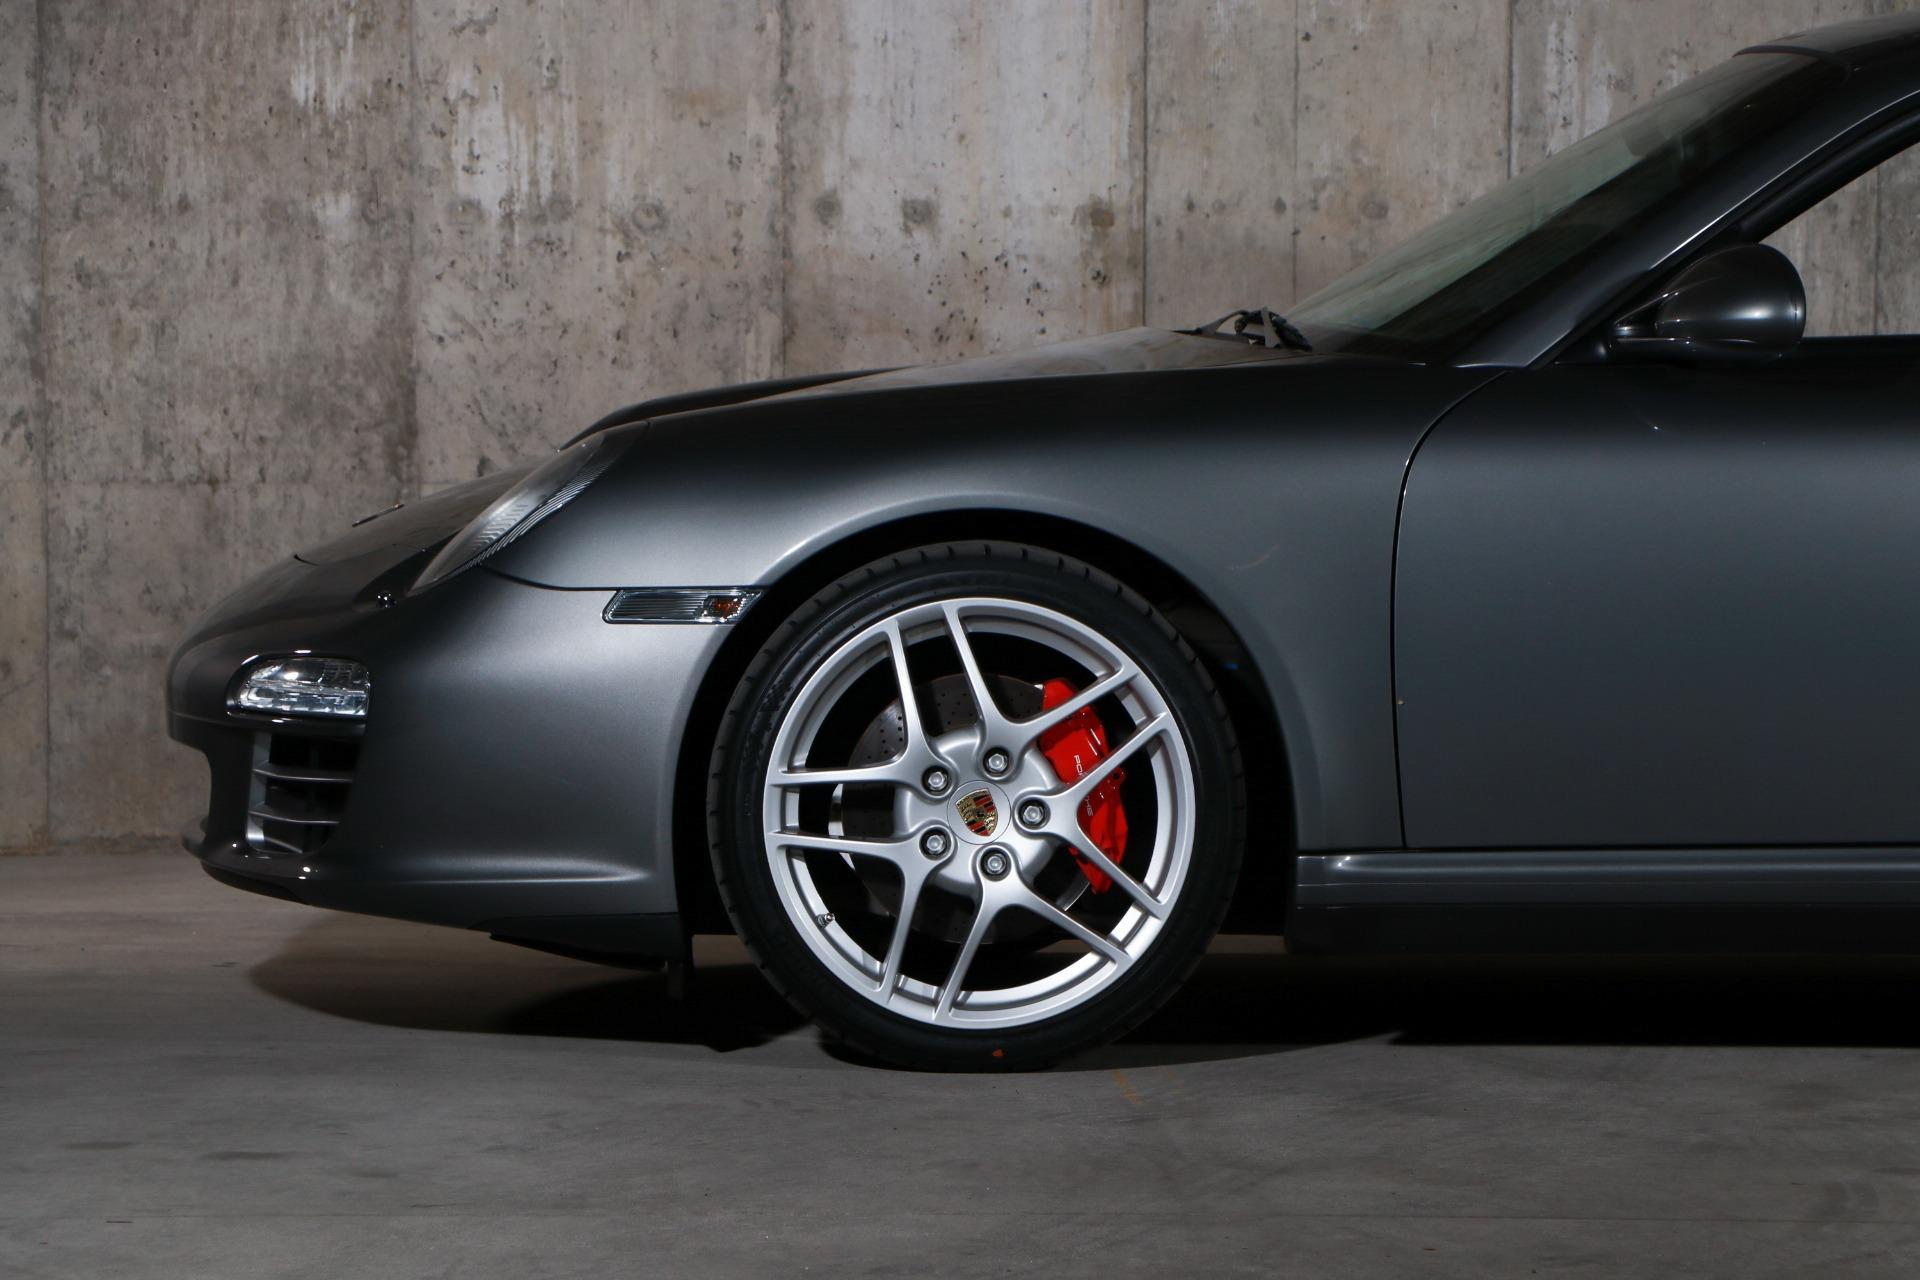 Used 2009 Porsche 911 Carrera 4S   Glen Cove, NY